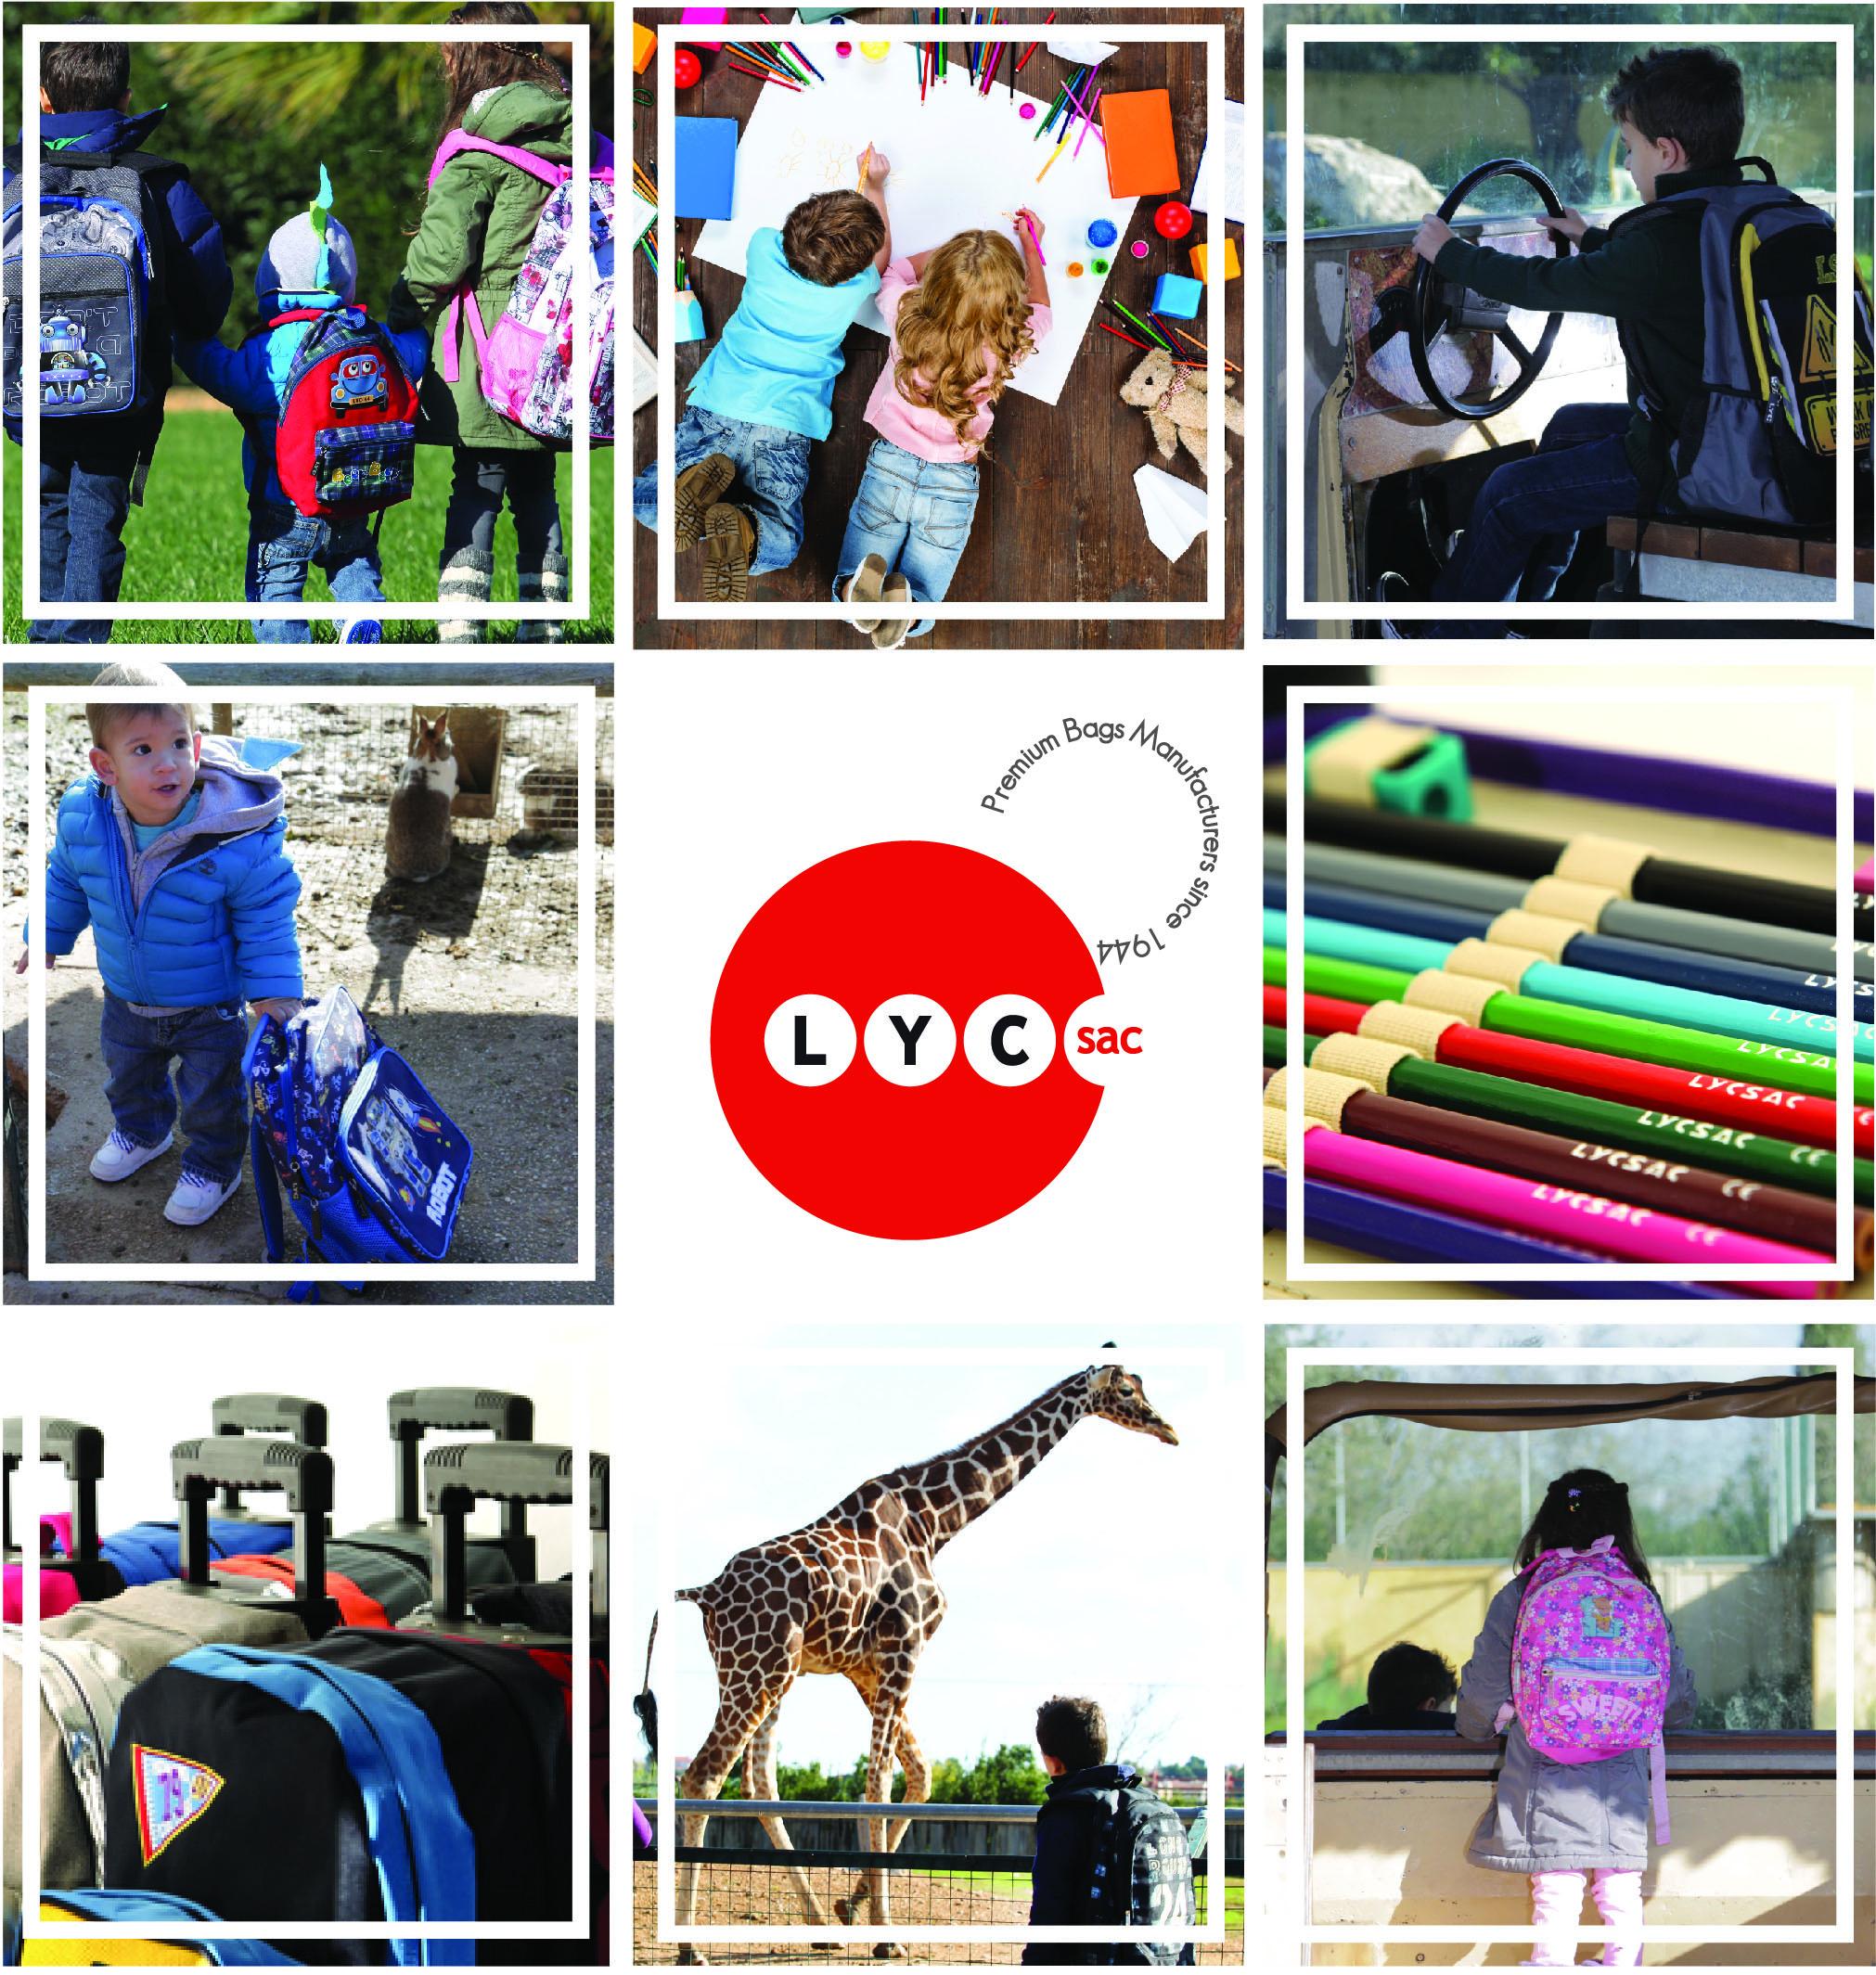 7c21df05e57 LYC SAC, Κατασκευή τσαντών, Εργονομικές τσάντες, Τσάντες με ροδάκια, Τσάντες  ώμου, Σακίδια μεγάλα, Σακίδια με trolley, Κασετίνες, Βαρελάκια :: Lycsac.gr